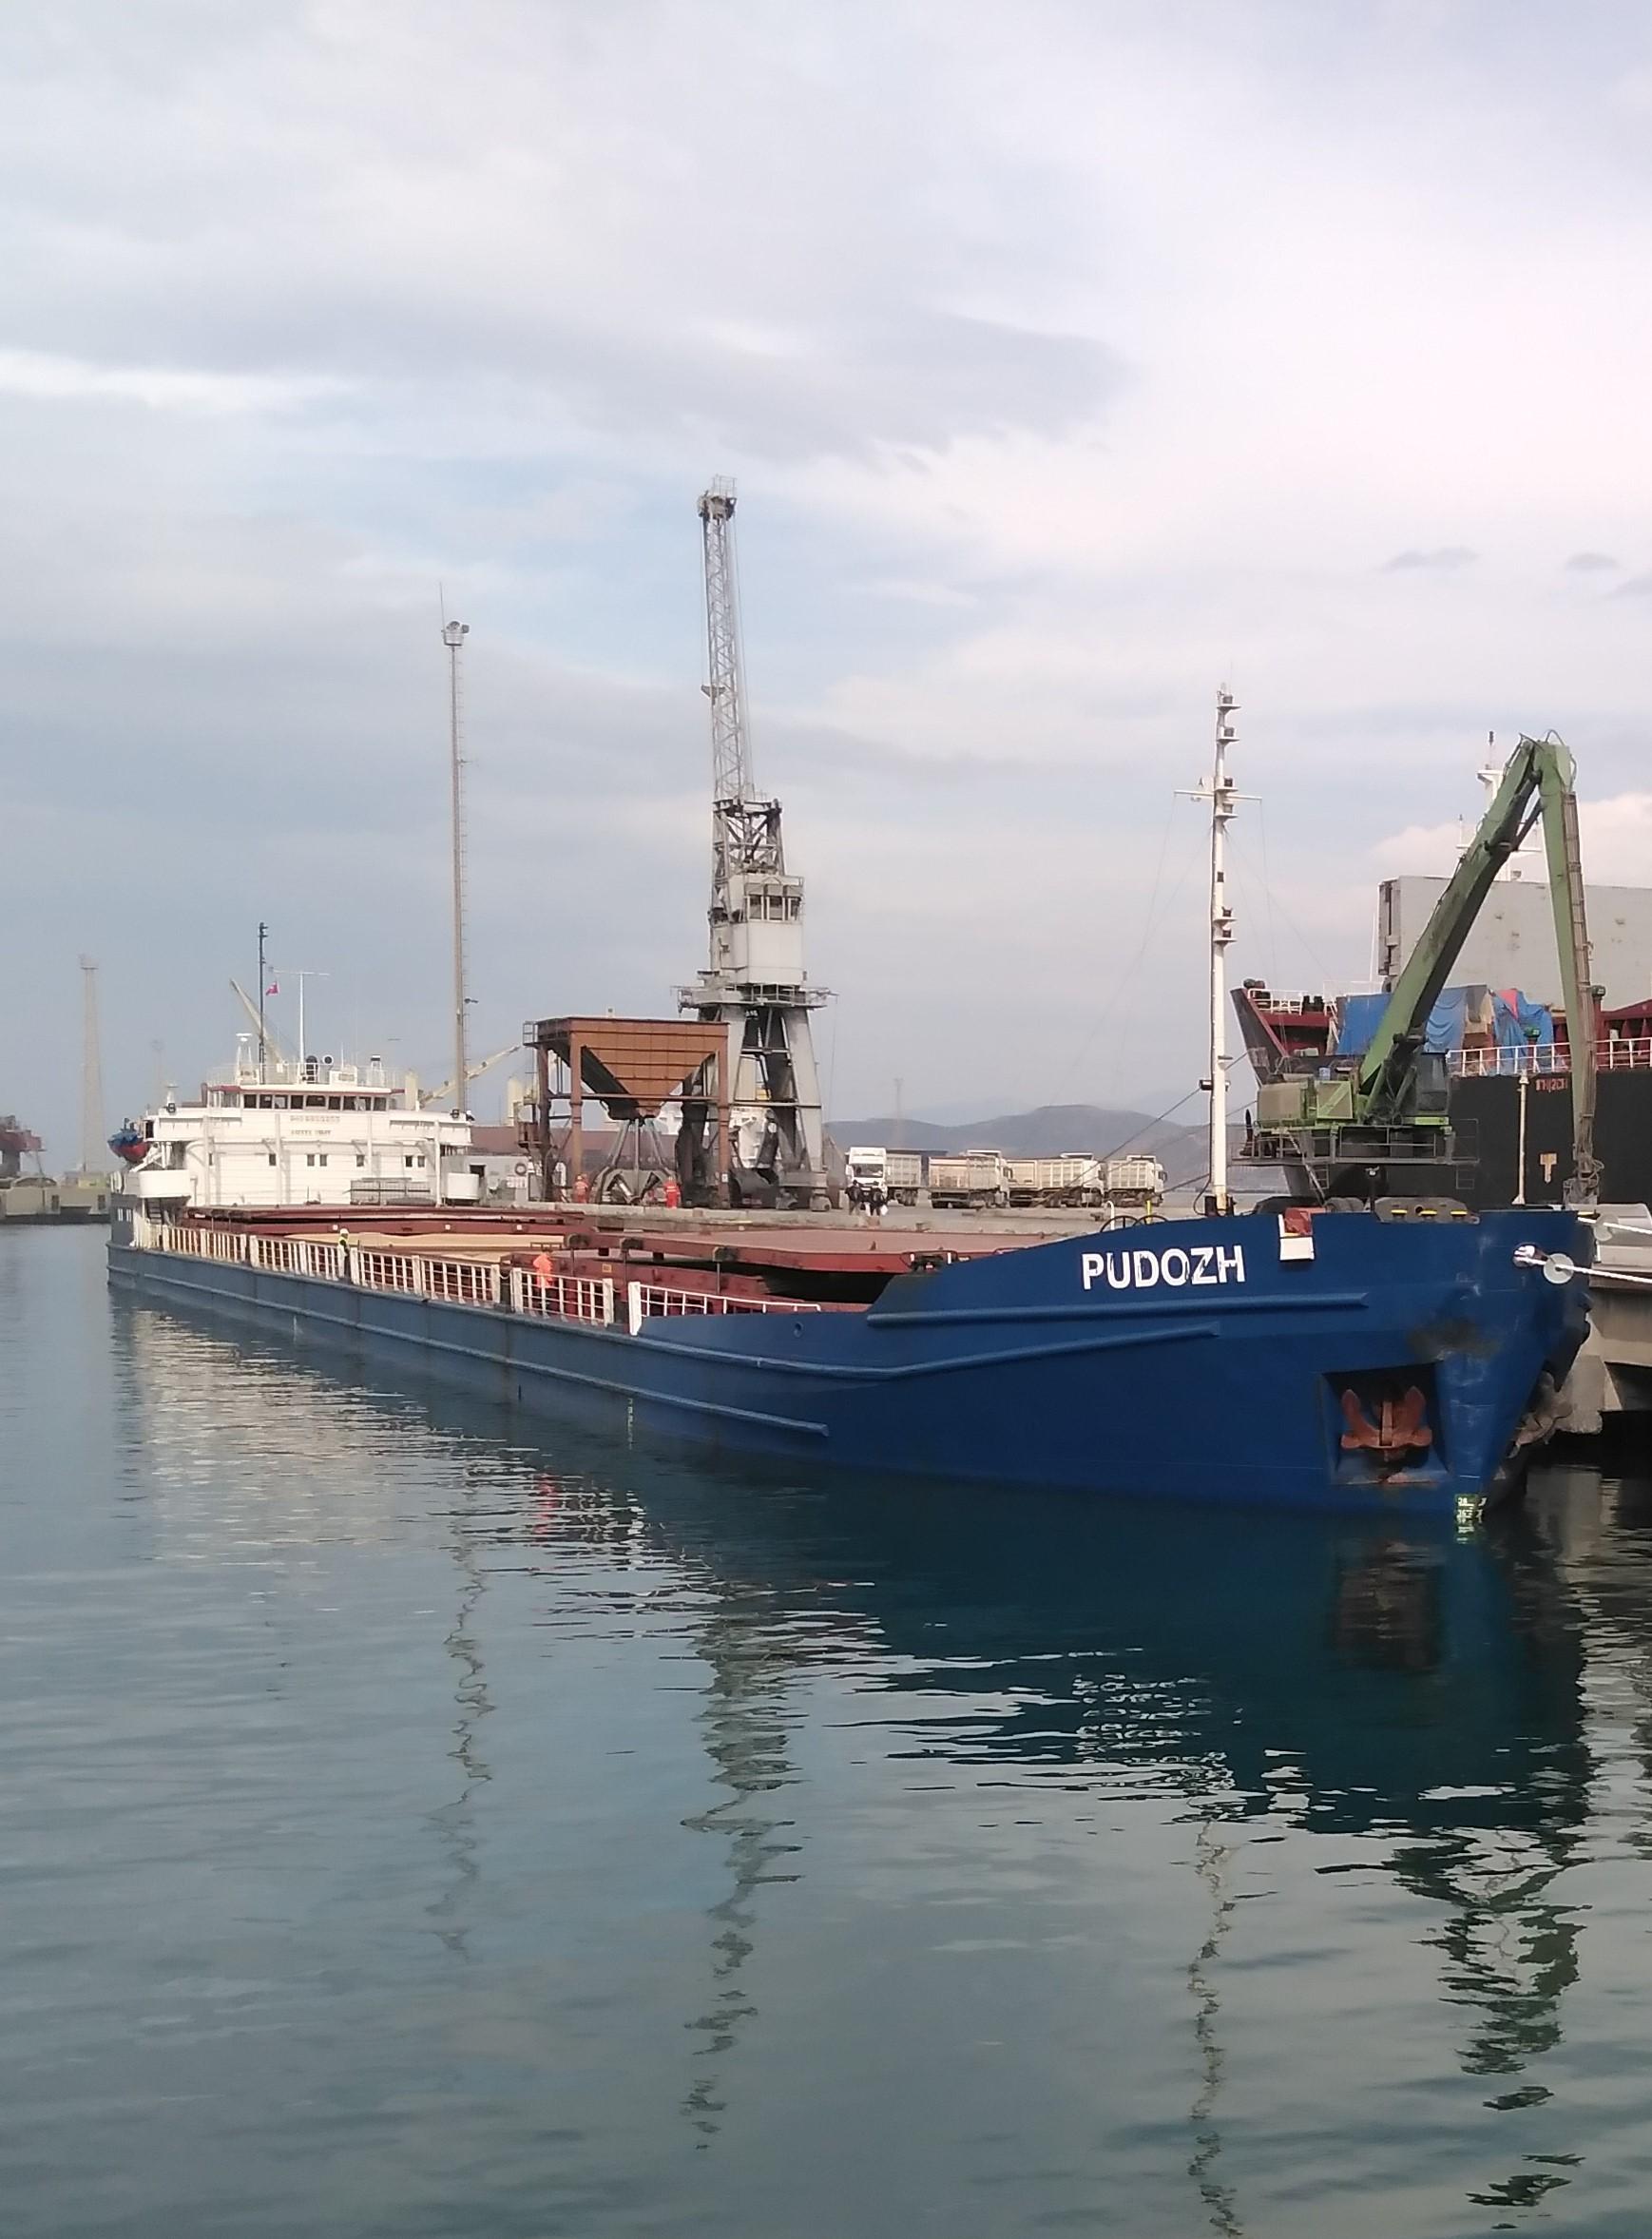 MV Pudozh